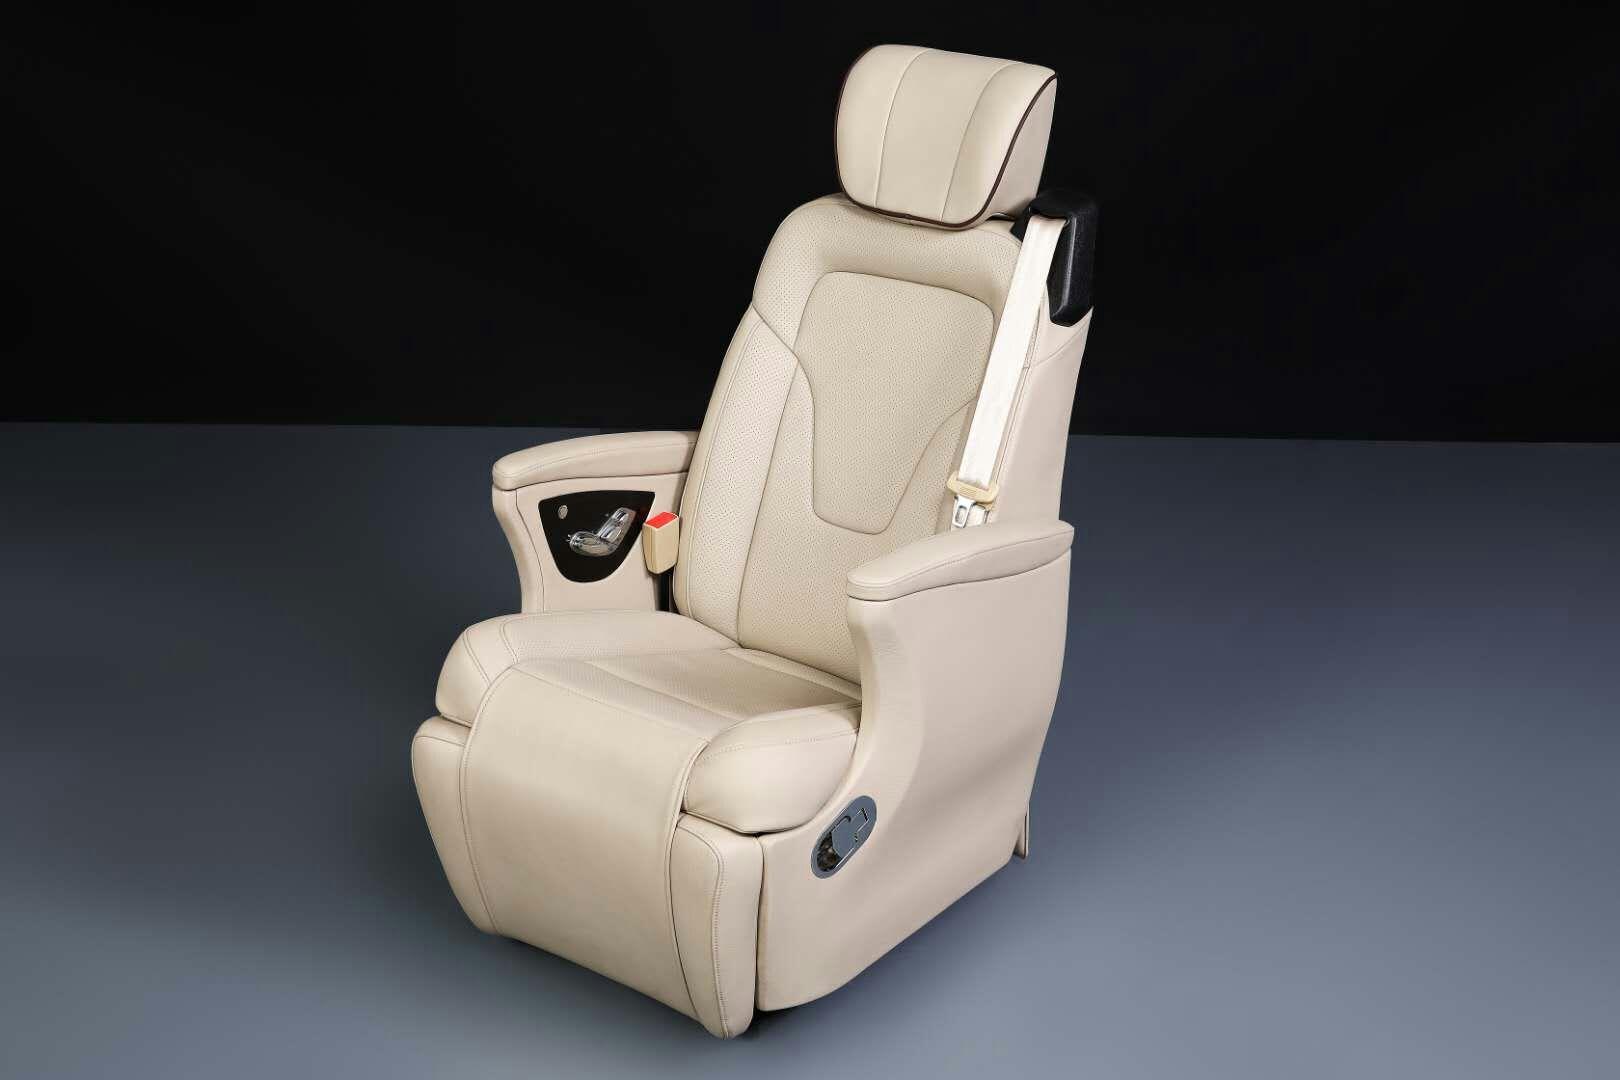 奔驰唯雅诺改装房车_航空座椅-商务车航空座椅-威霆航空座椅-V260/唯雅诺/GMC/GL8/迈特威 ...